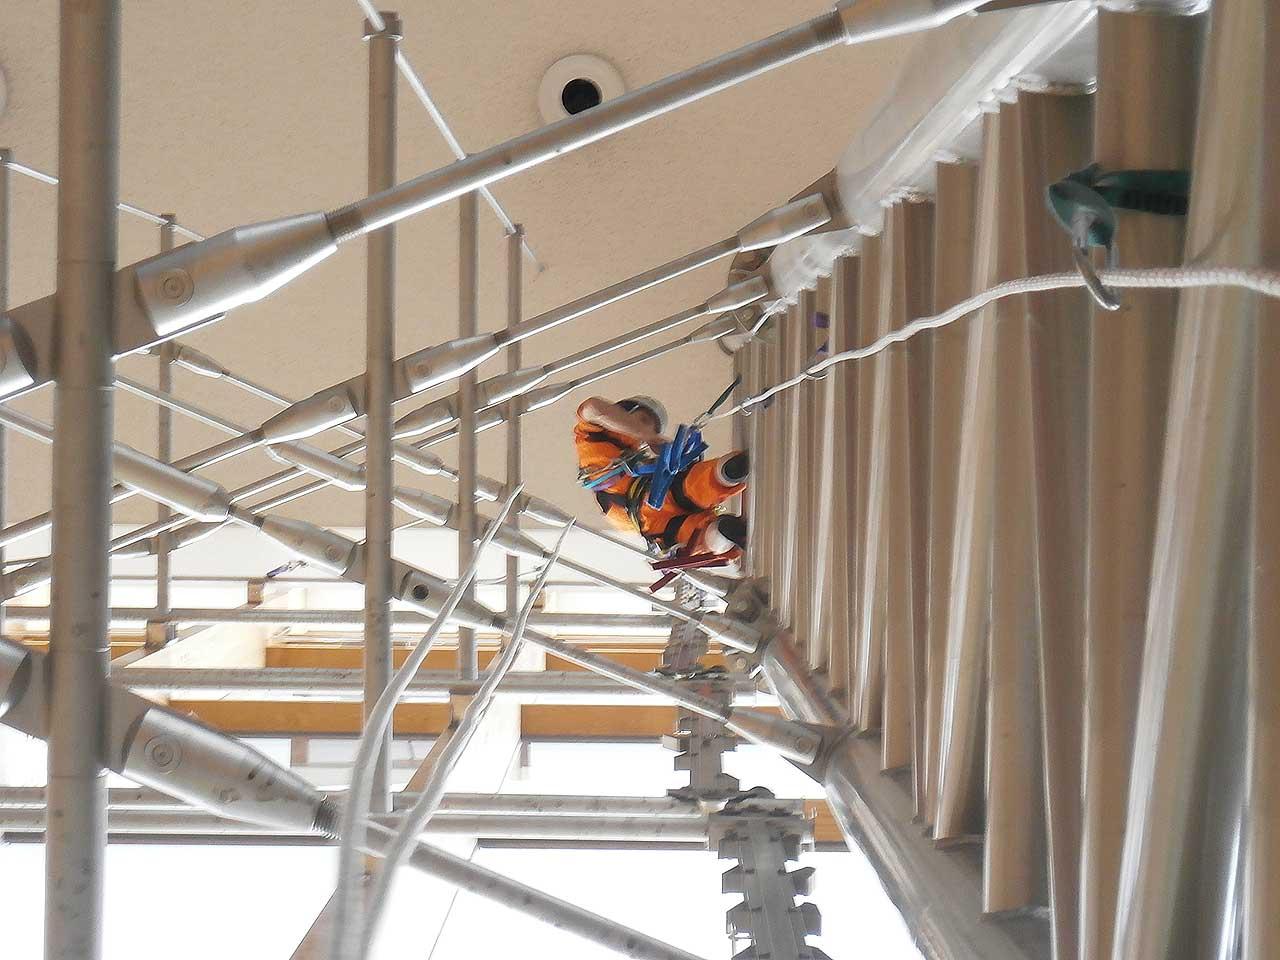 パイオニアラボ高所作業チームはロープアクセス技術を活用した特殊高所作業の専門業者です